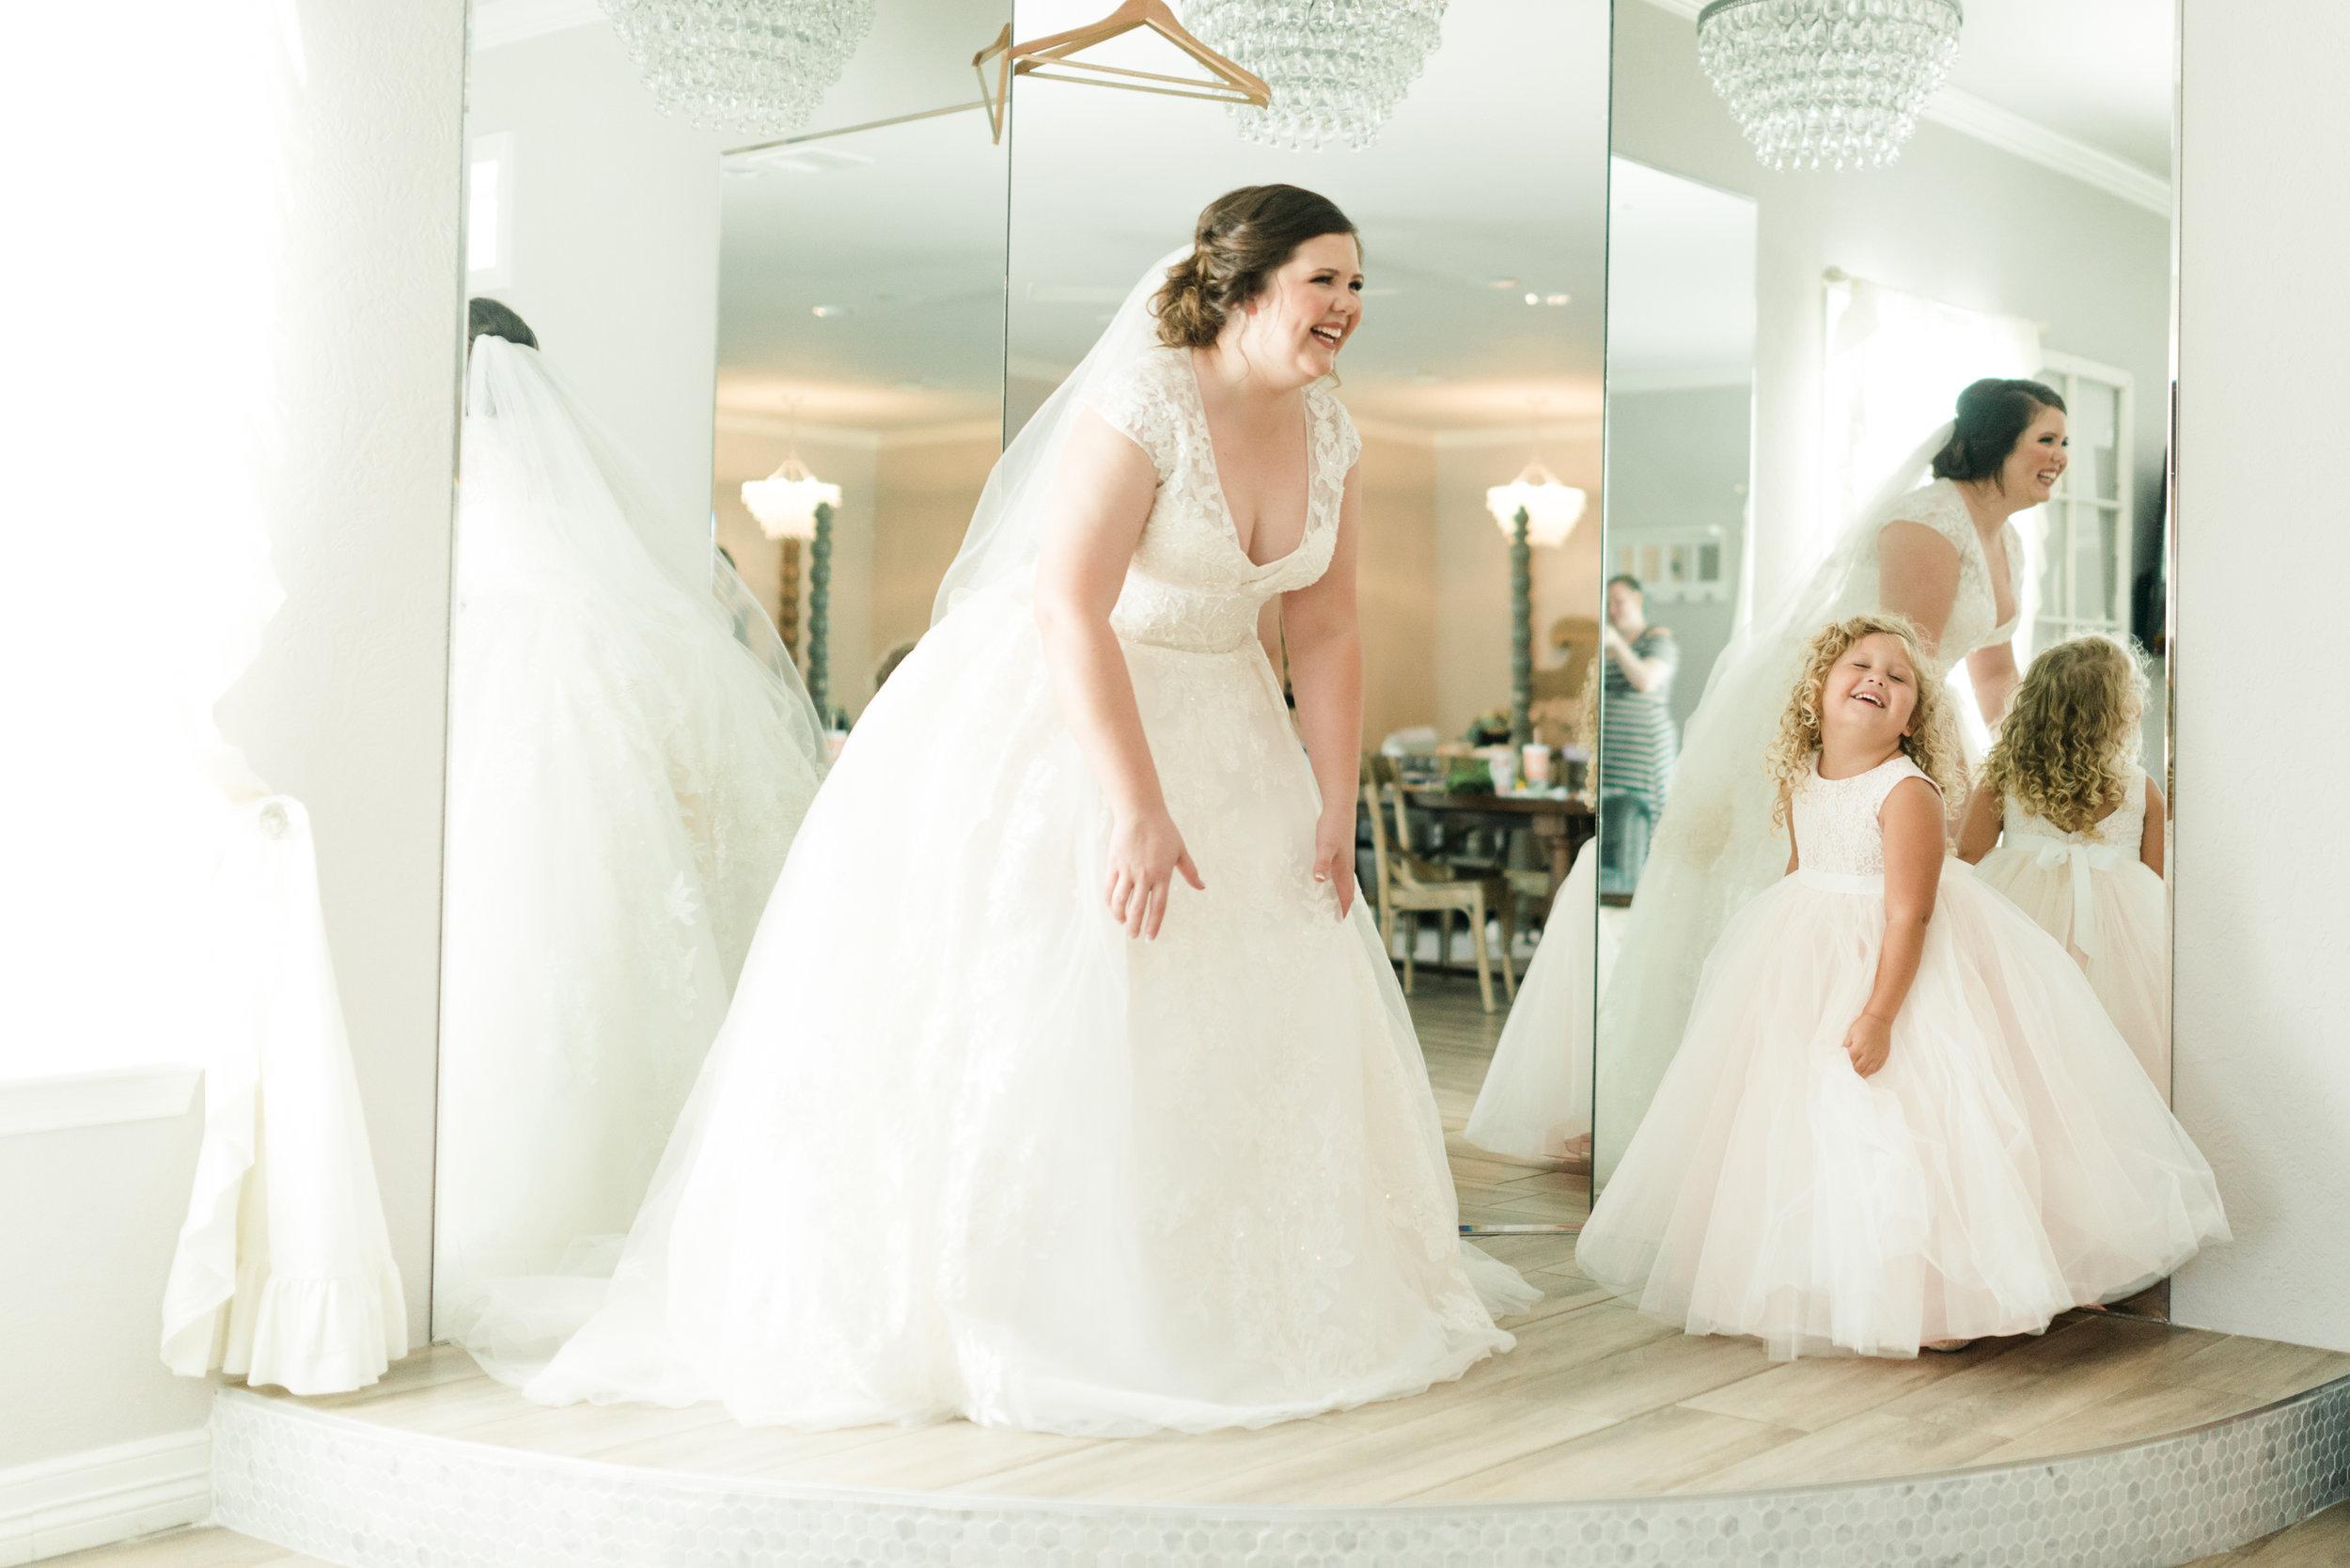 Wesley-Wedding-Ten23-Photography-179.jpg